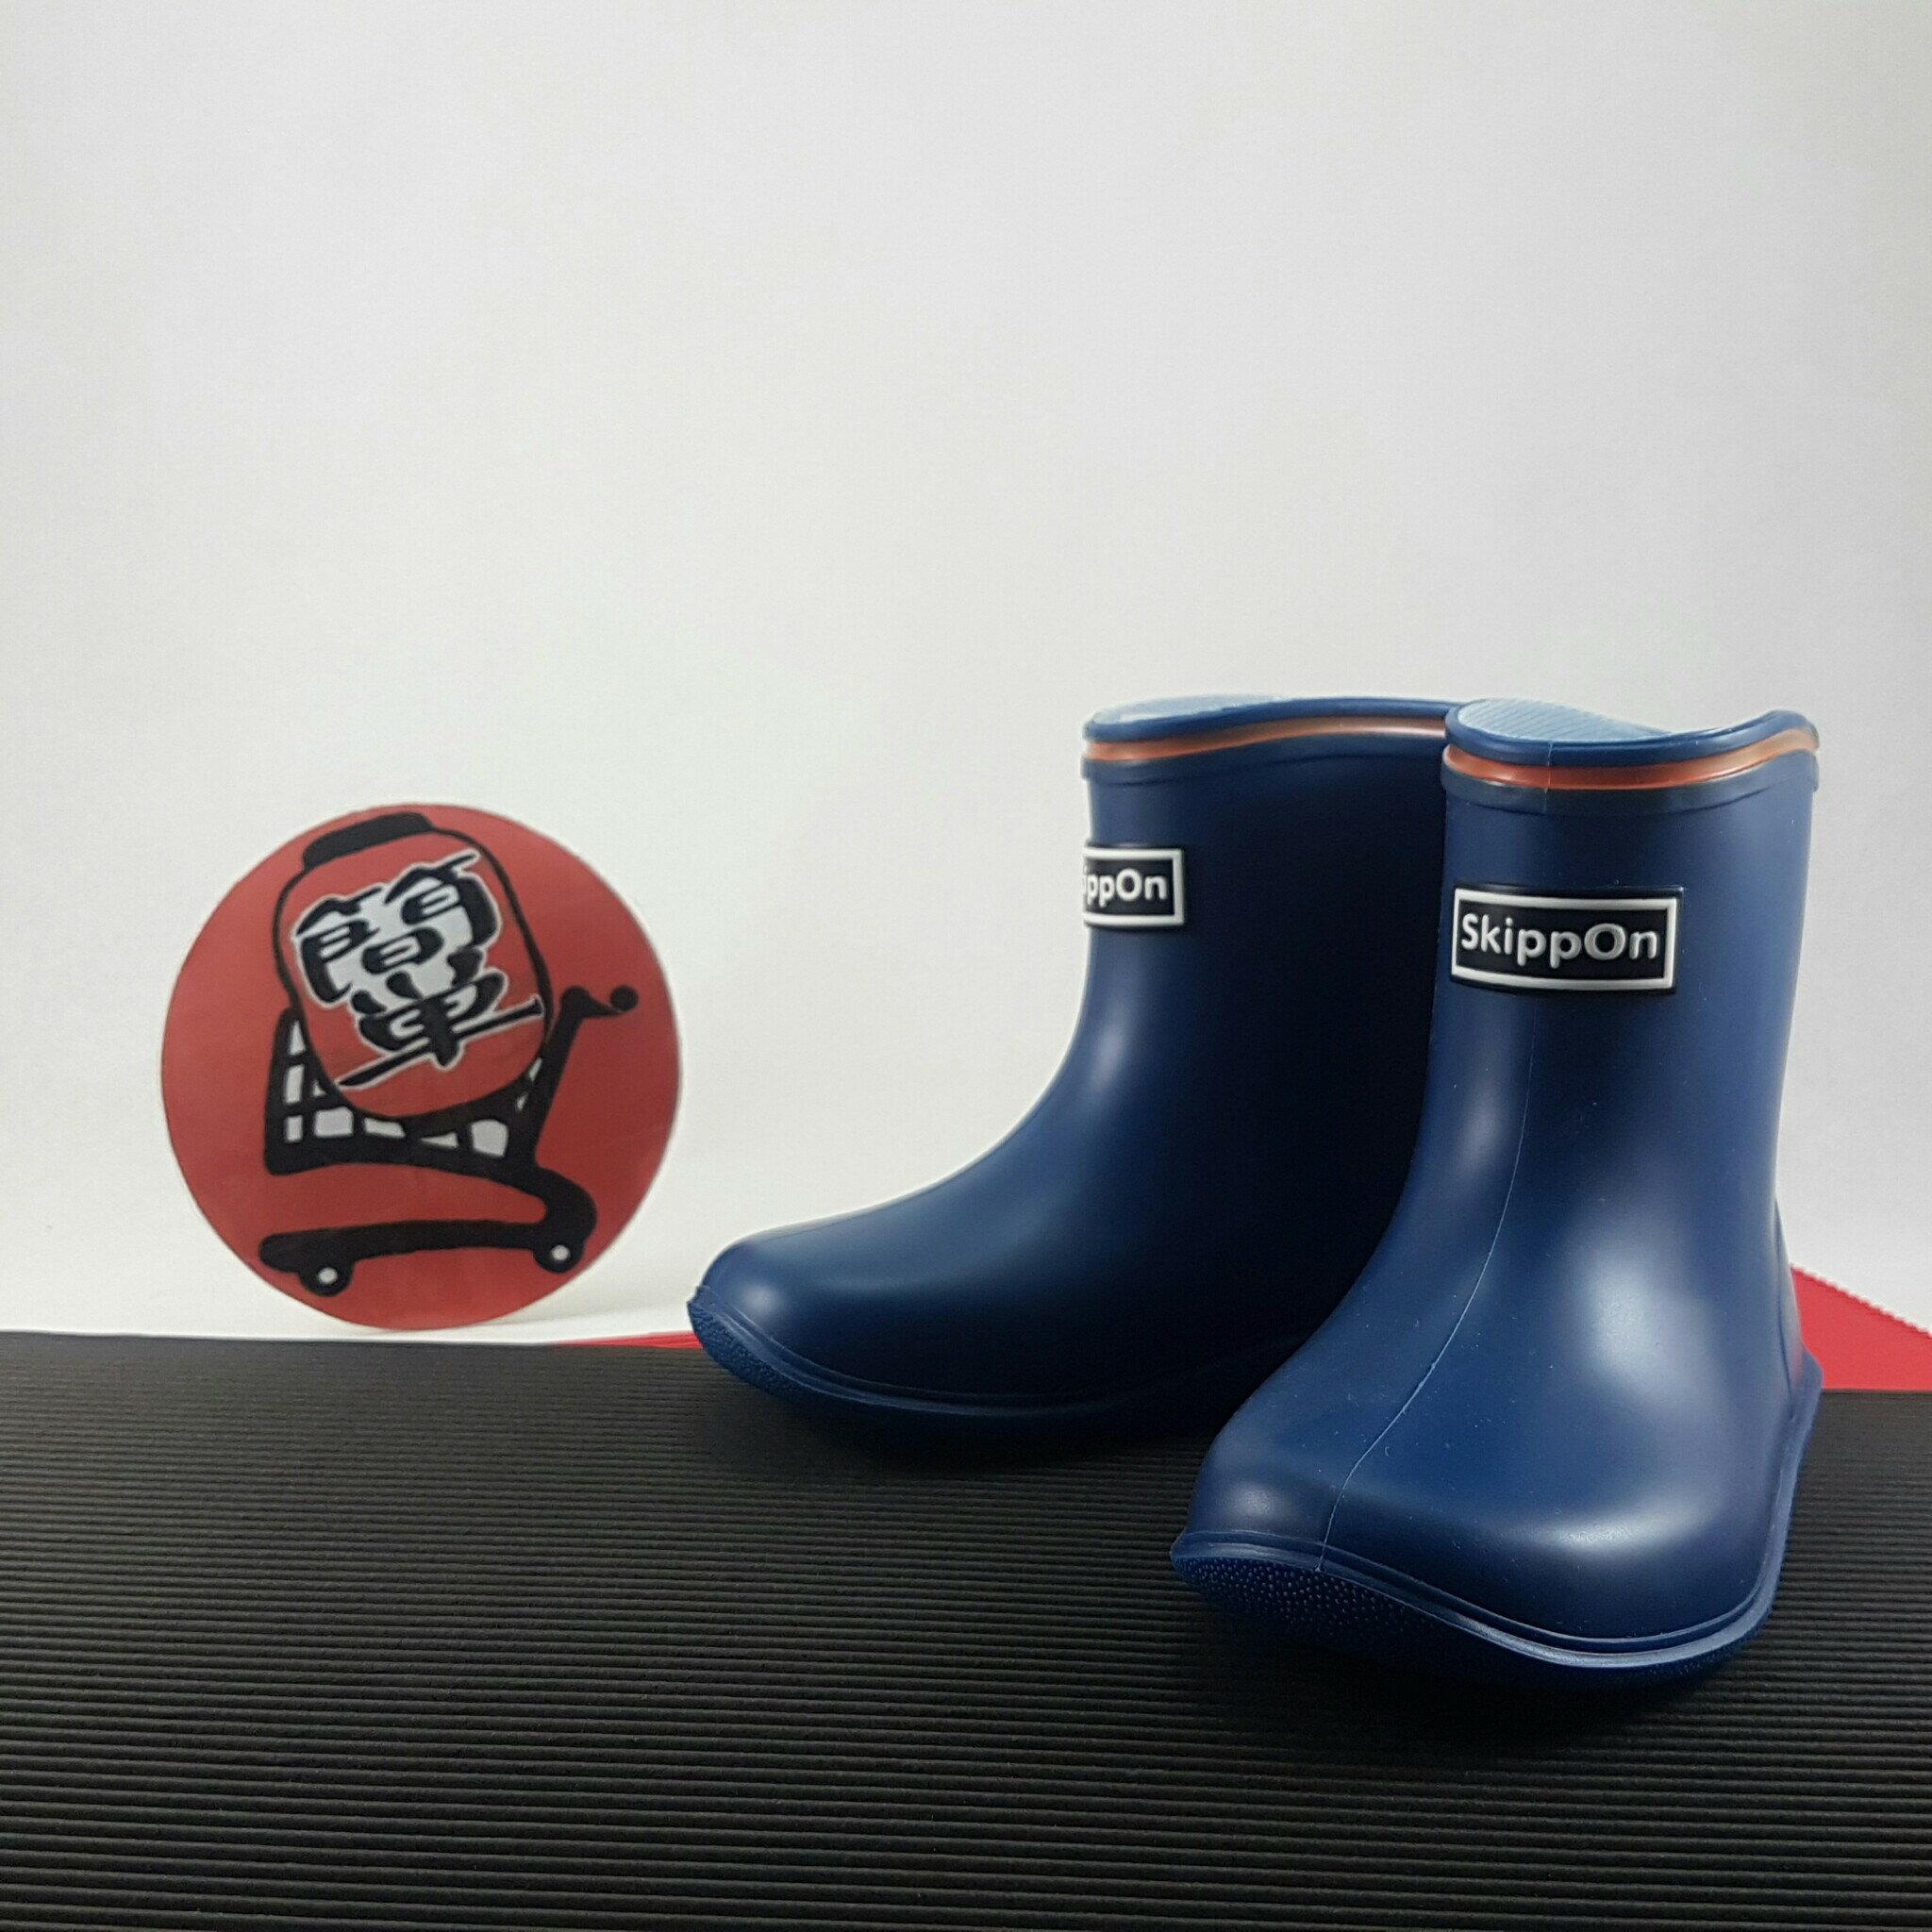 『簡?全球購』藍色款 SKIPPON 亮彩糖果色兒童雨鞋 雨靴 13-17碼 日本製